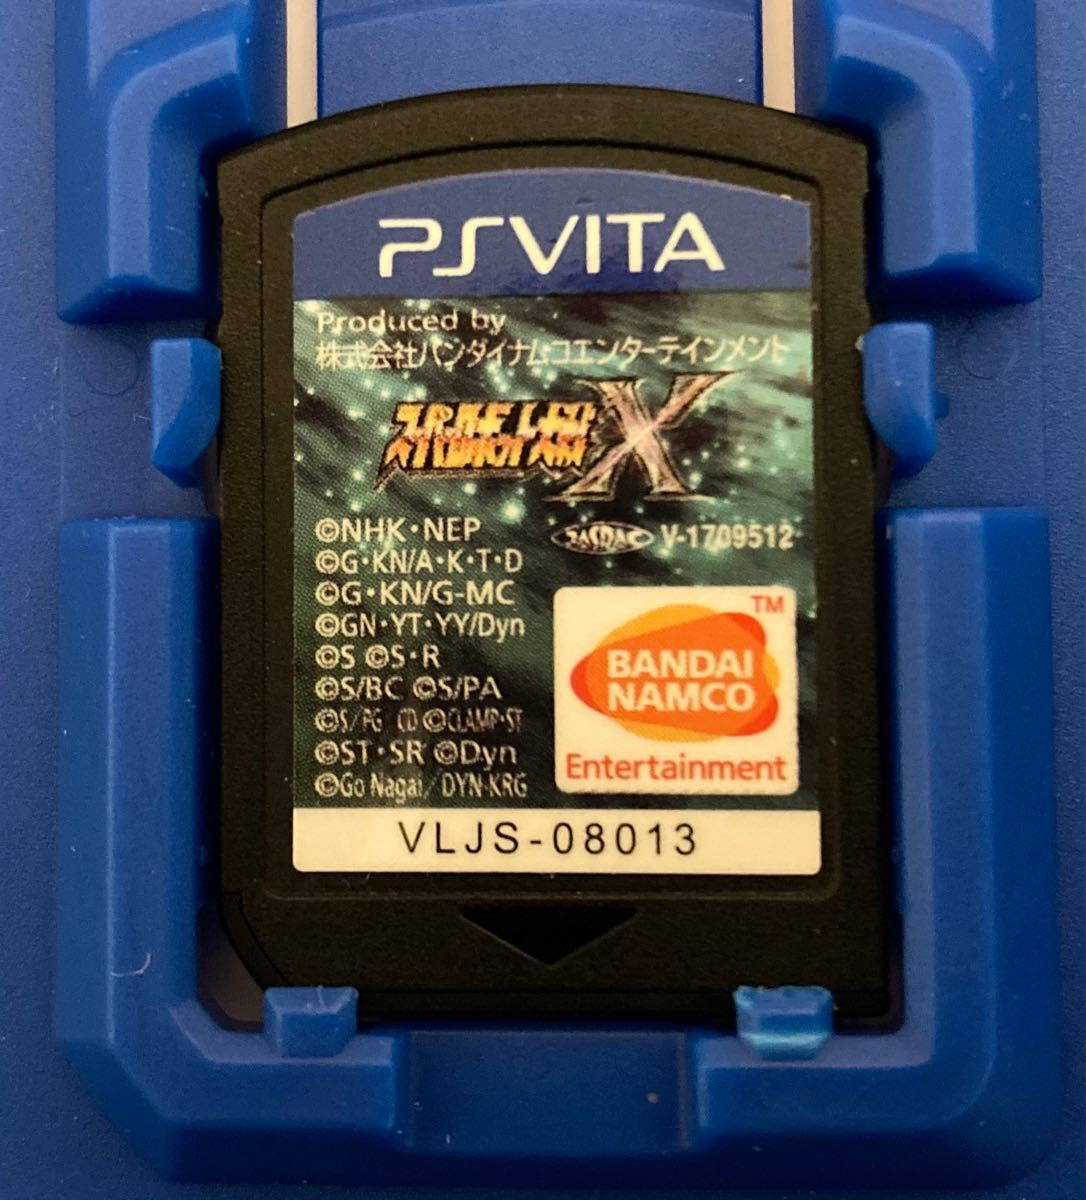 【値下げ】PS Vita スーパーロボット大戦V 、スーパーロボット大戦X